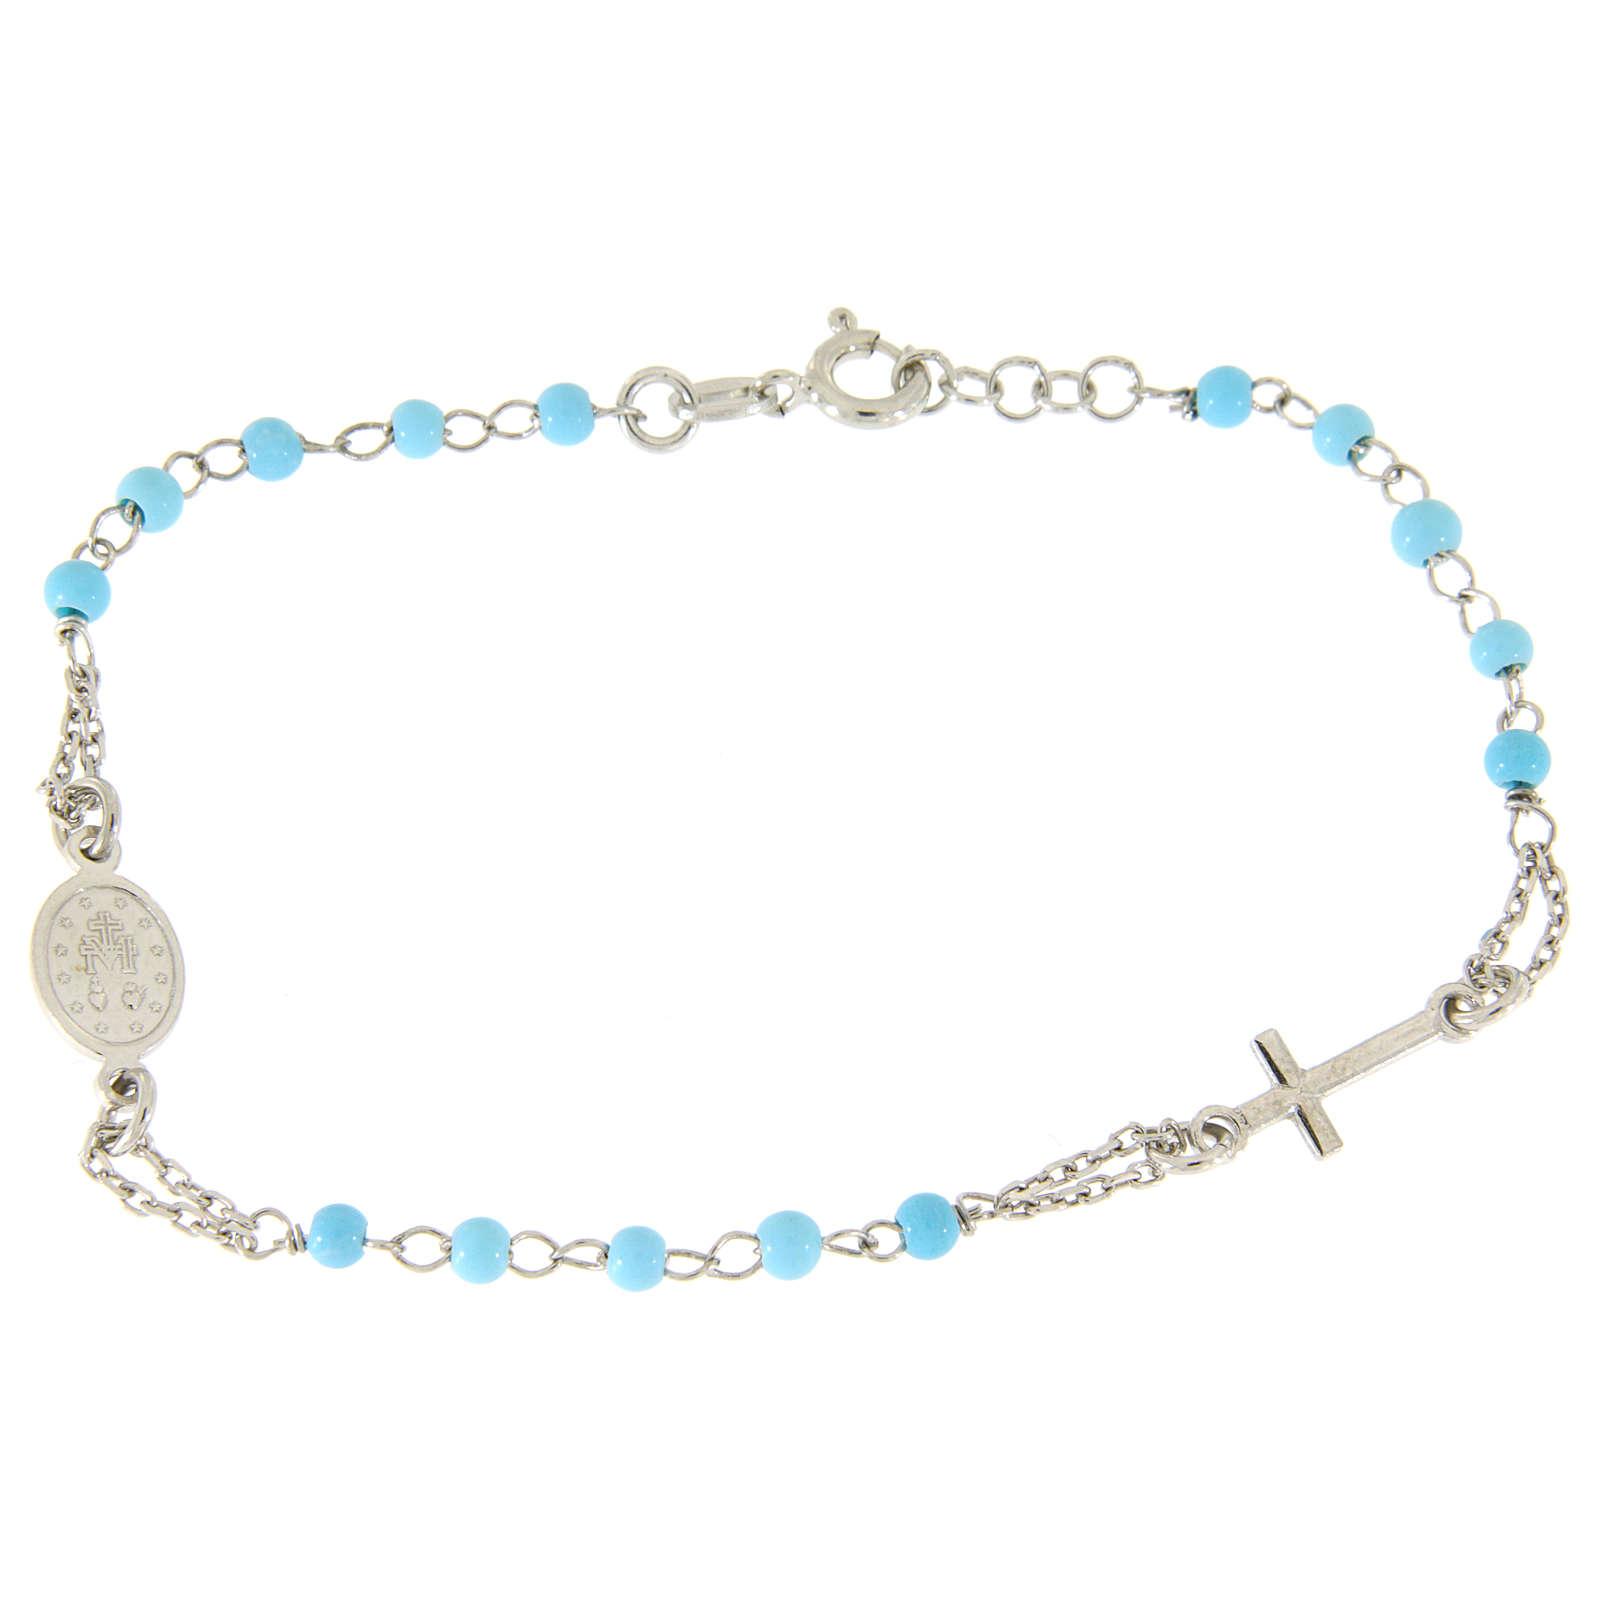 Pulsera rosario plata 925 con esferas celestes 4 mm 4